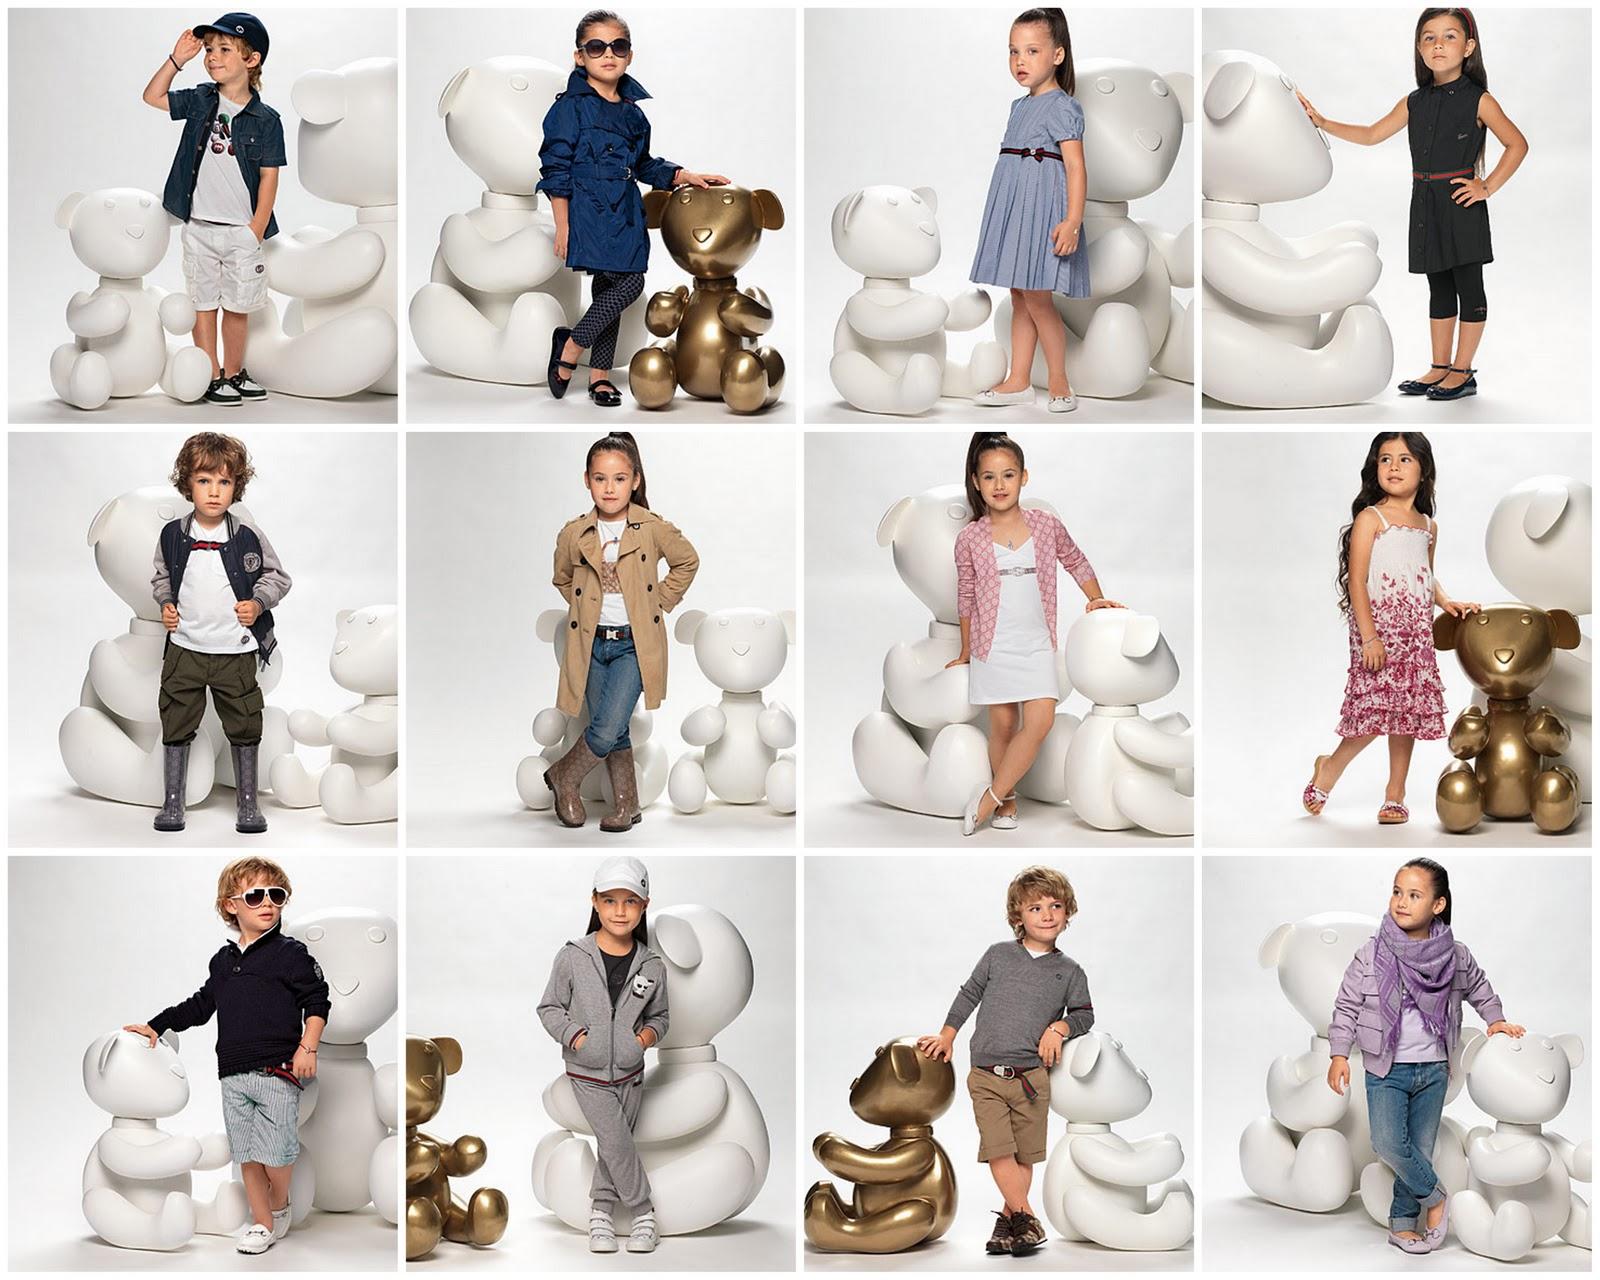 a7f2aa89effdc Home » Gucci linha infantil para meninos e meninas. ← Previous Next →